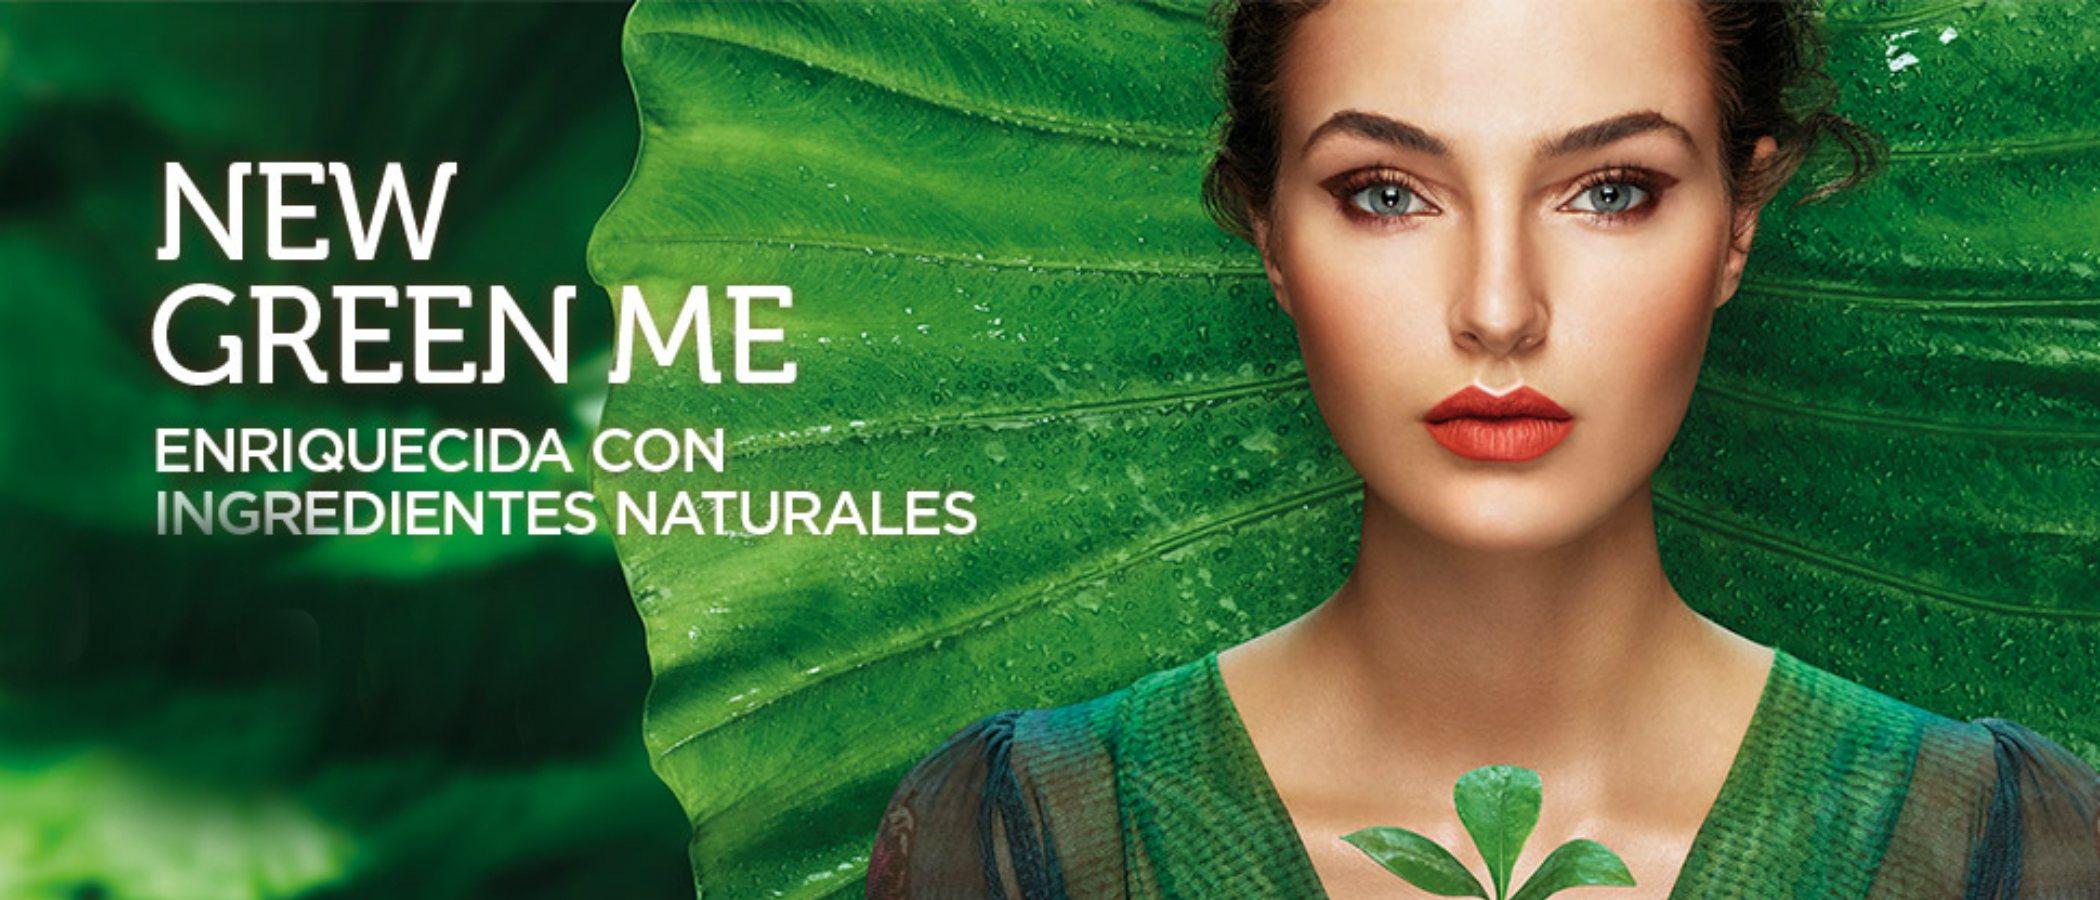 Kiko relanza 'Green Me', su colección de maquillaje enriquecida con ingredientes naturales y ecológicos